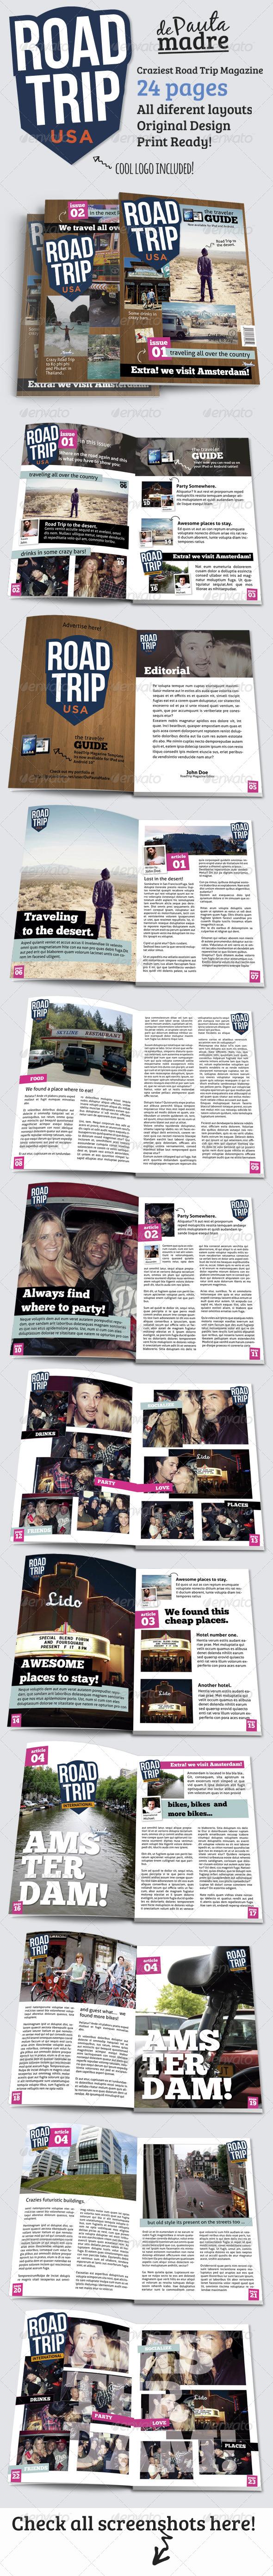 GraphicRiver Road Trip Magazine Template 5032624